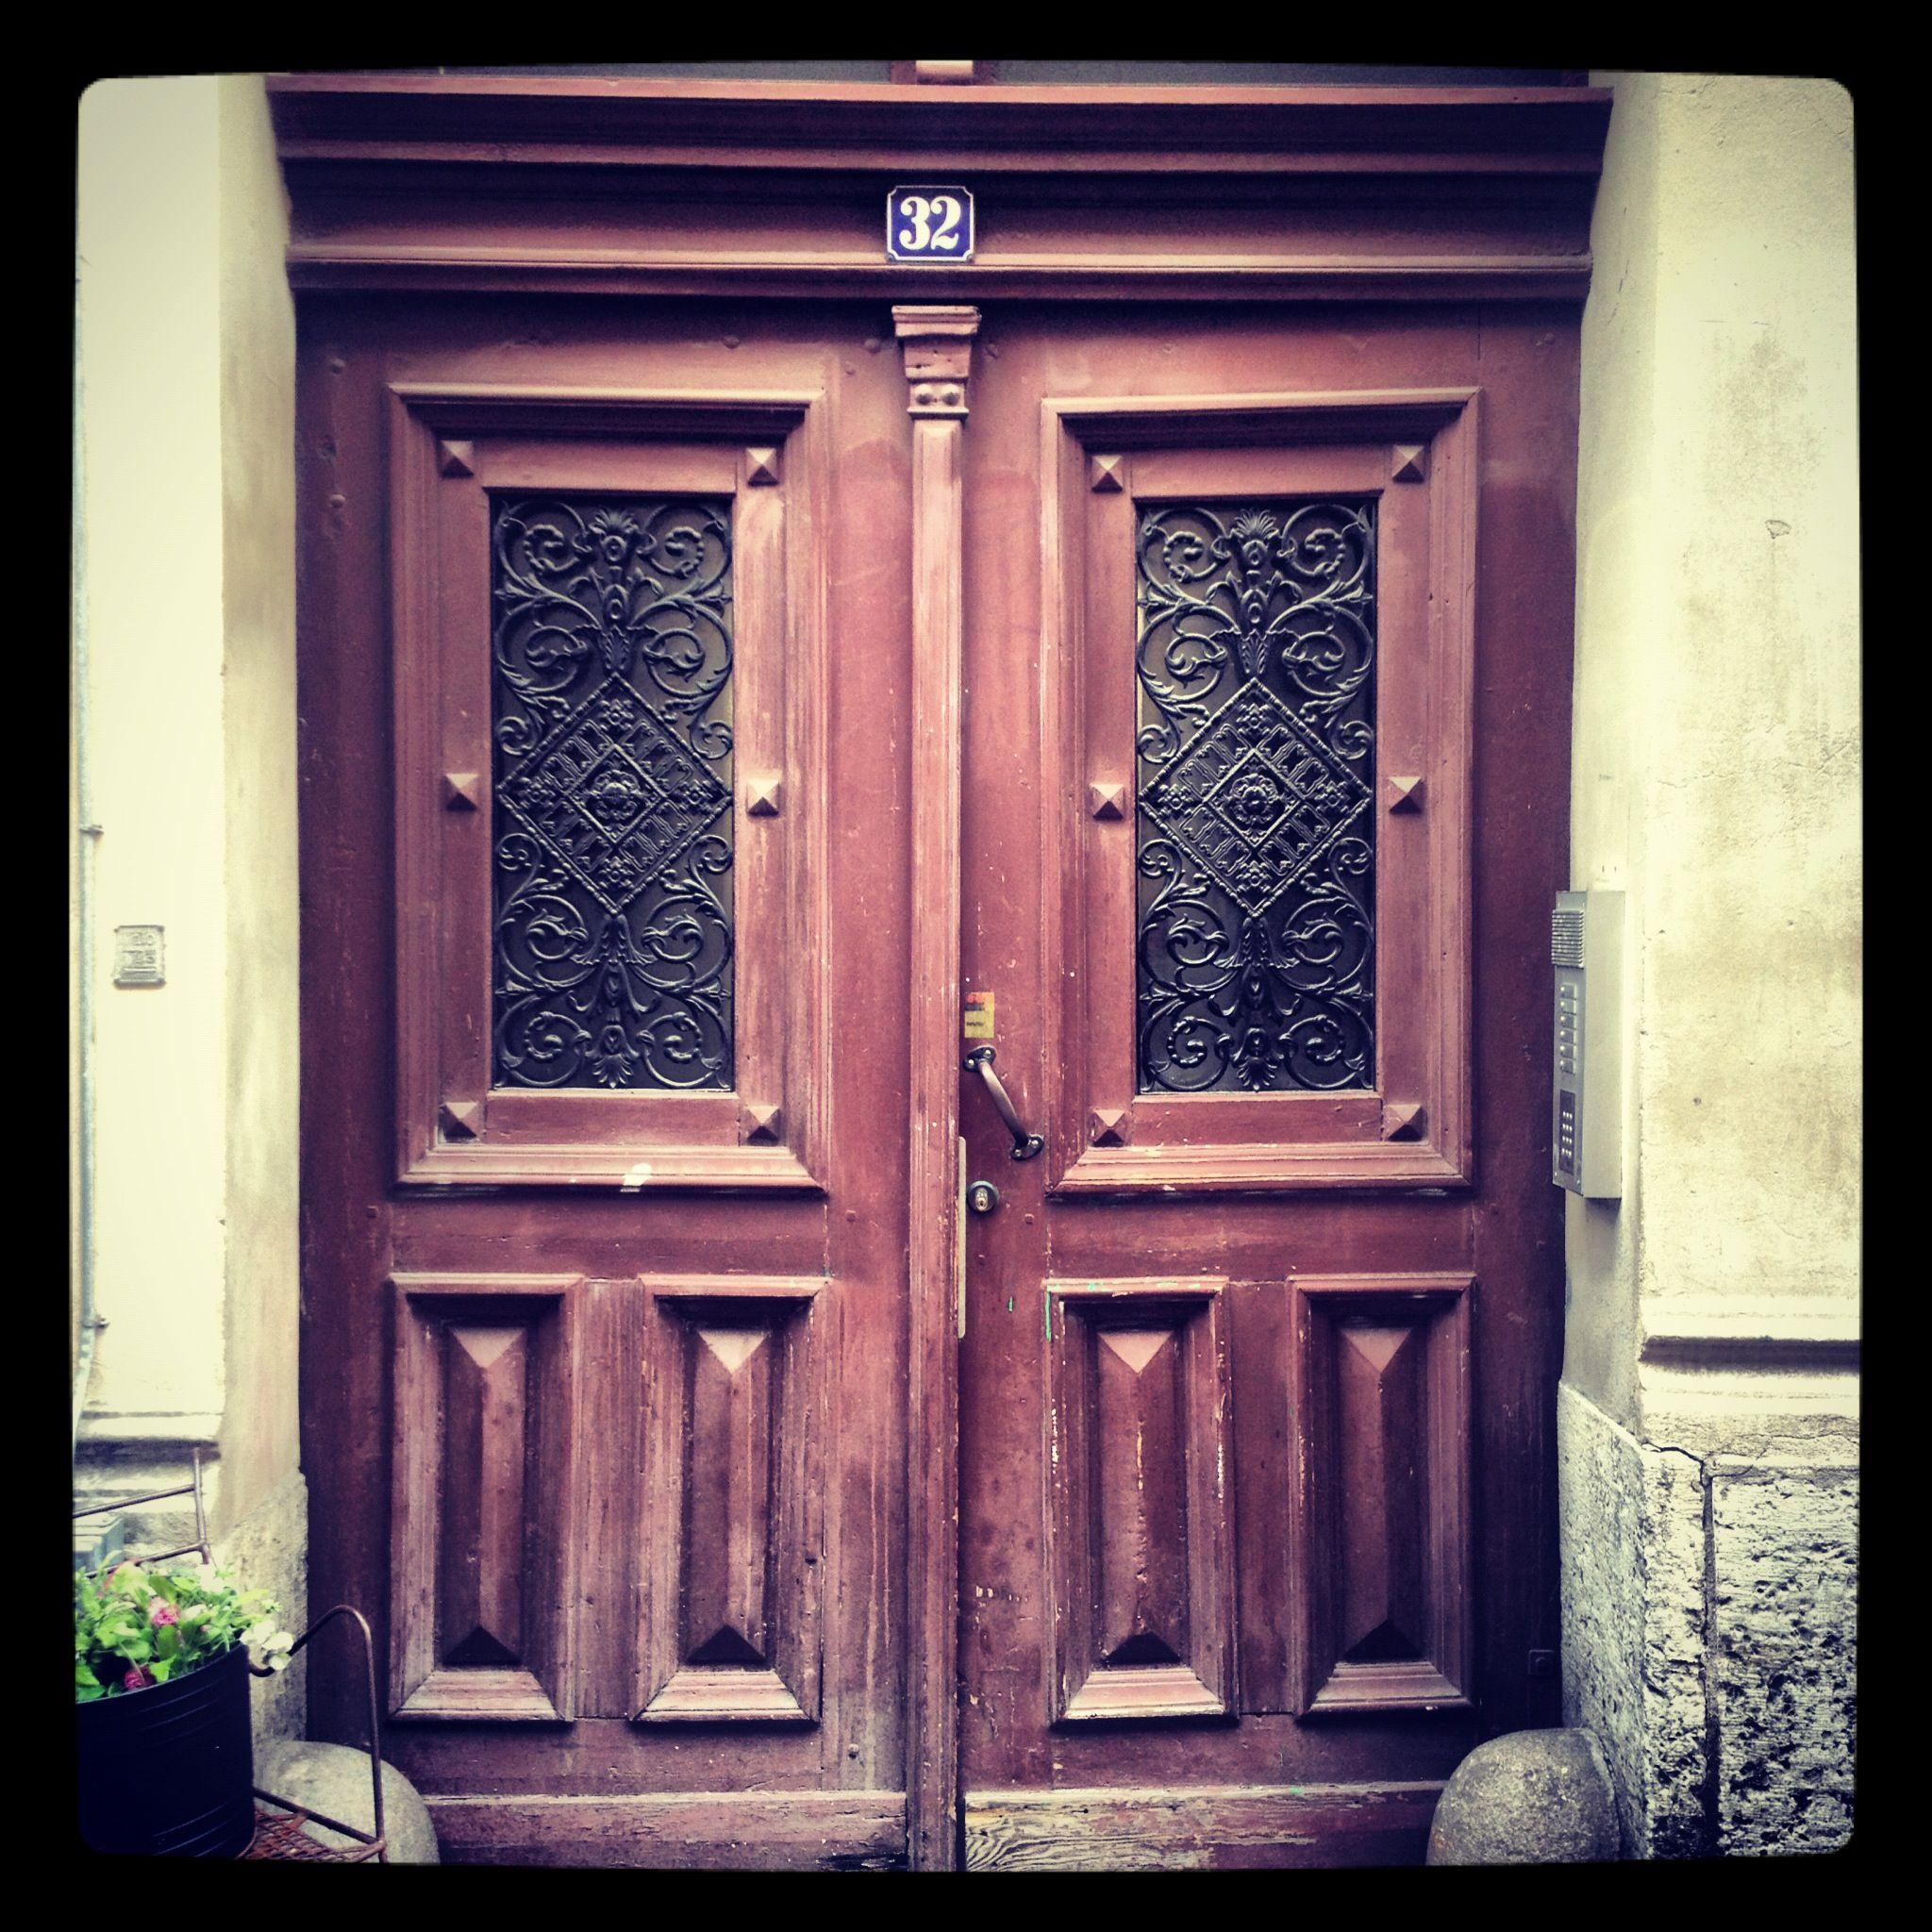 Old door in Gothenburg Sweden #door #doors #old #instagram #architecture # & Old door in Gothenburg Sweden #door #doors #old #instagram ... pezcame.com